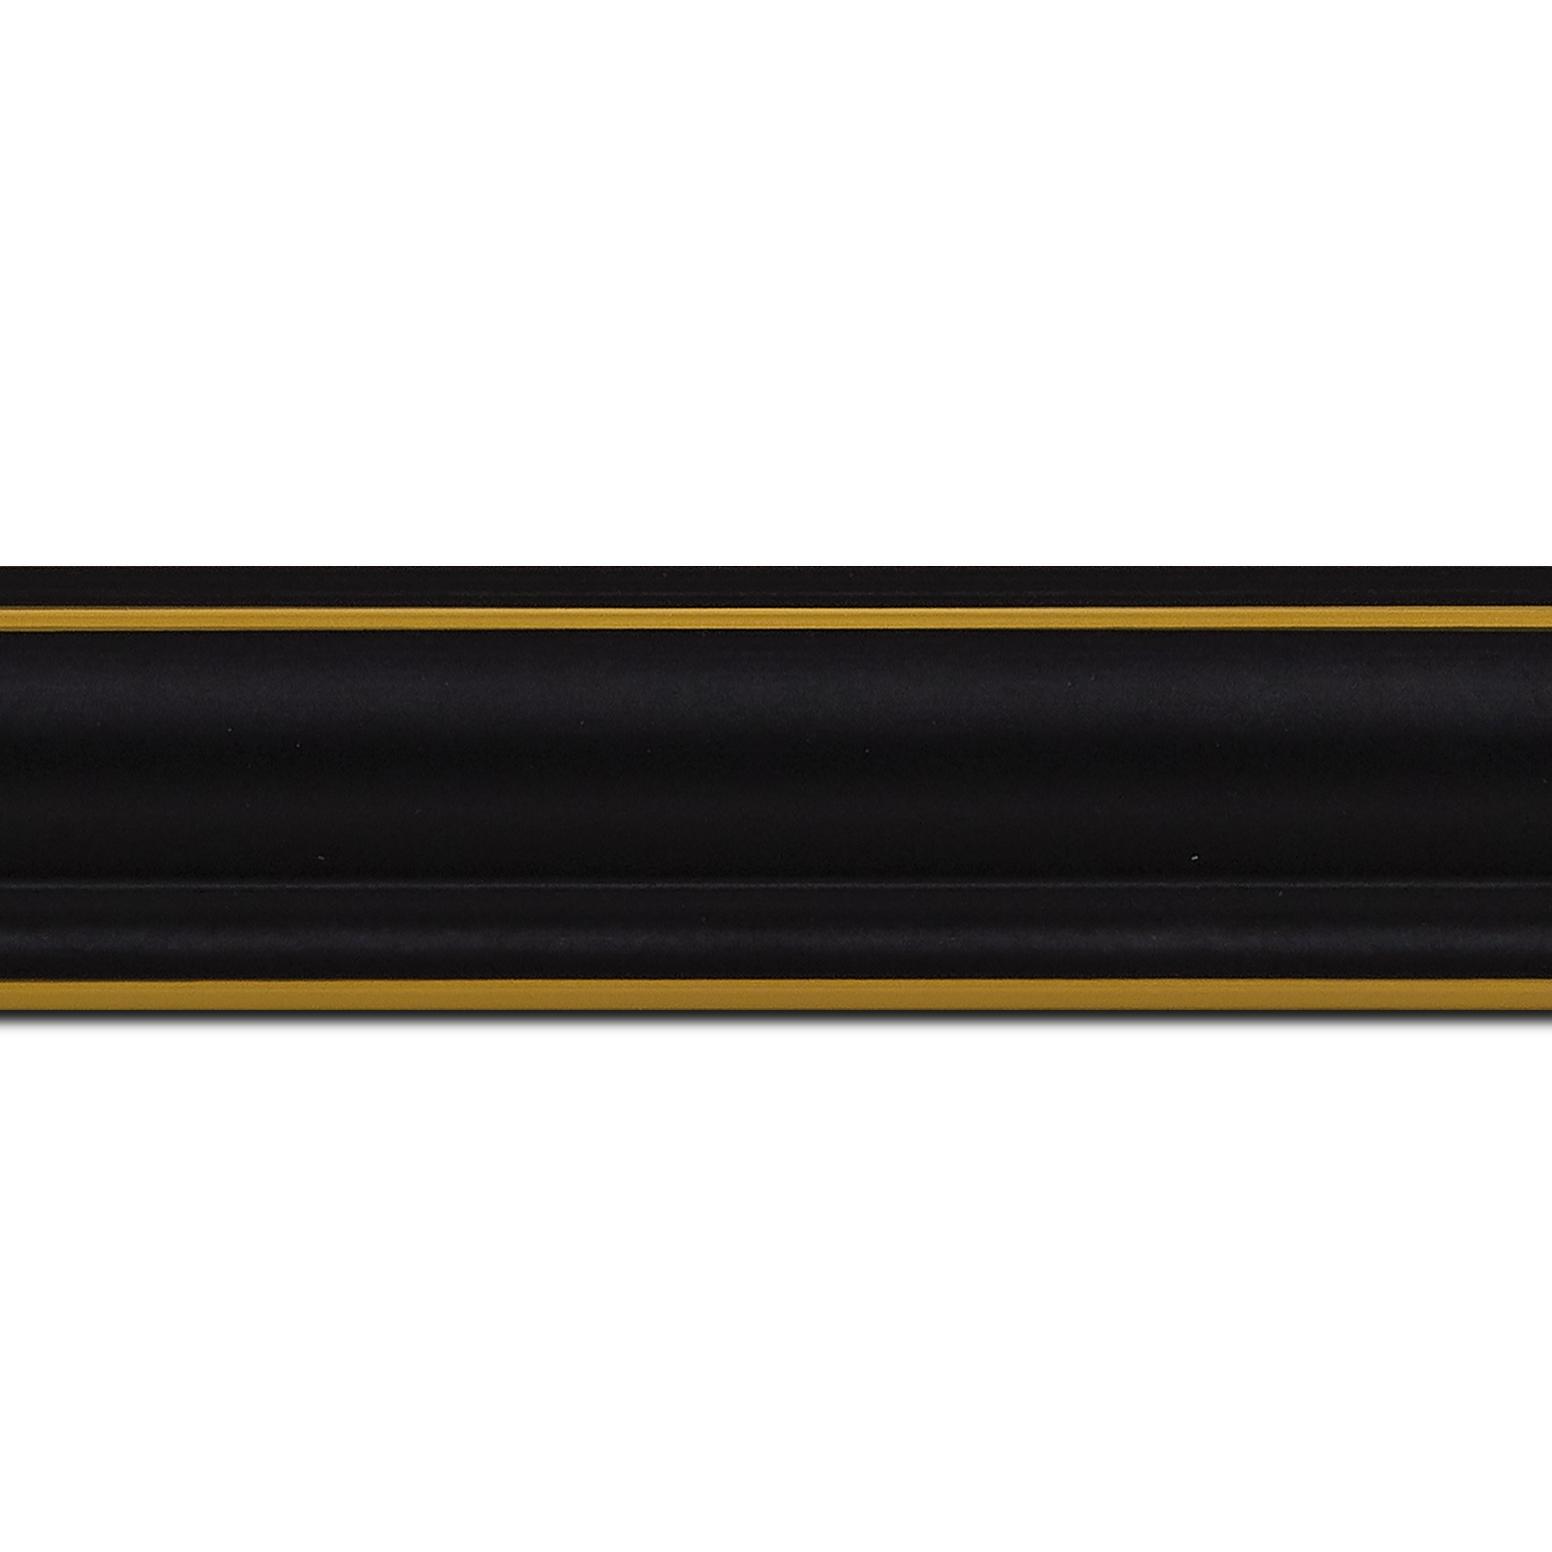 Baguette longueur 1.40m bois profil doucine inversée largeur 4.4cm  couleur noire satiné filet or